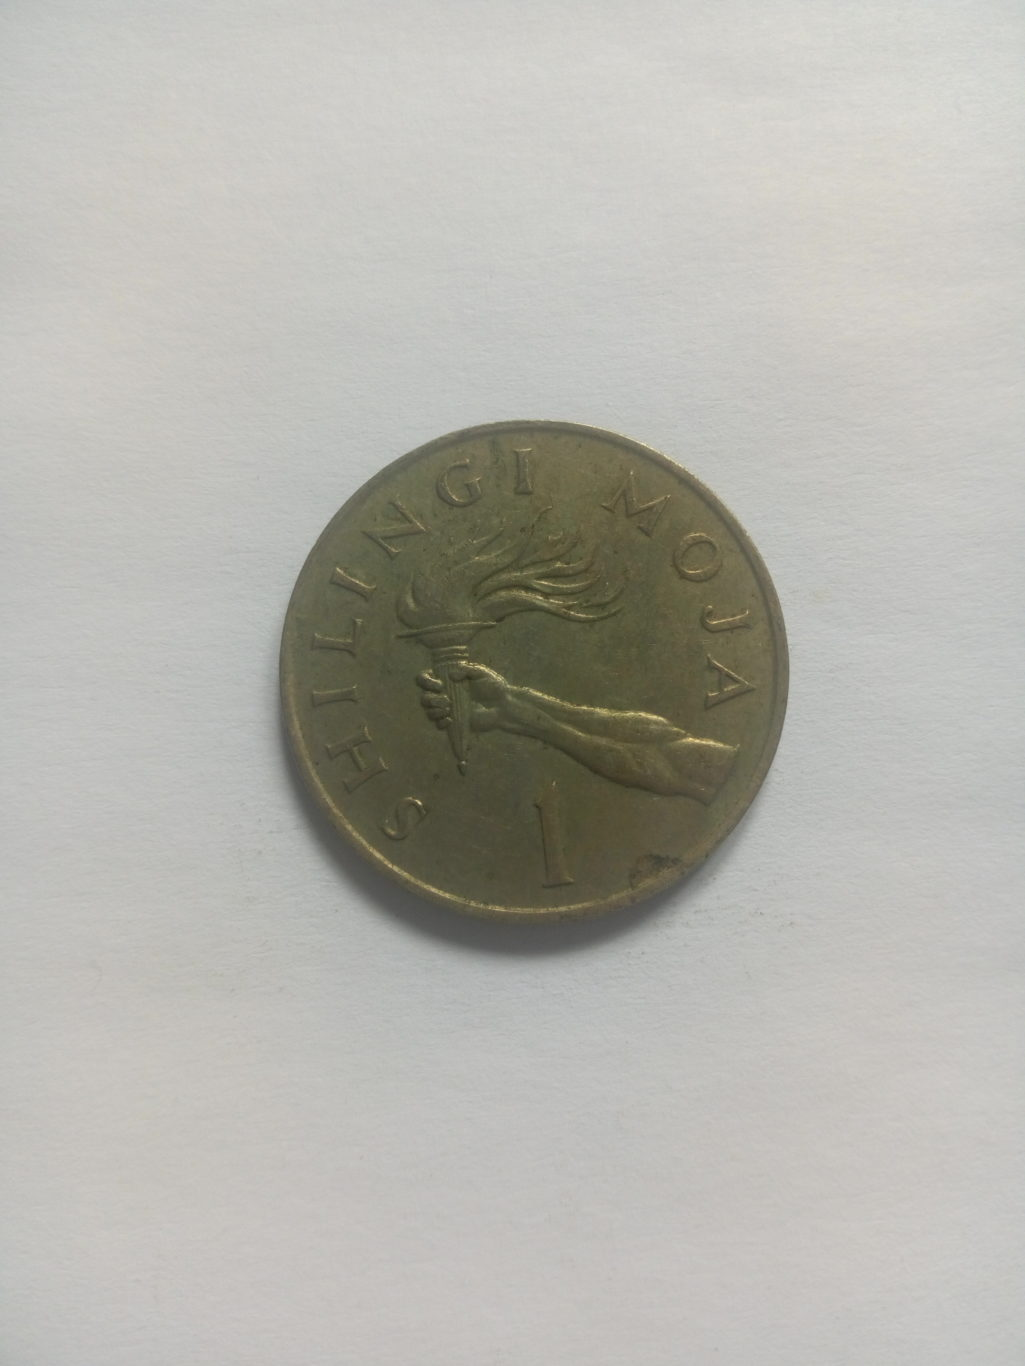 1975_shilingi 1 ya tanzania